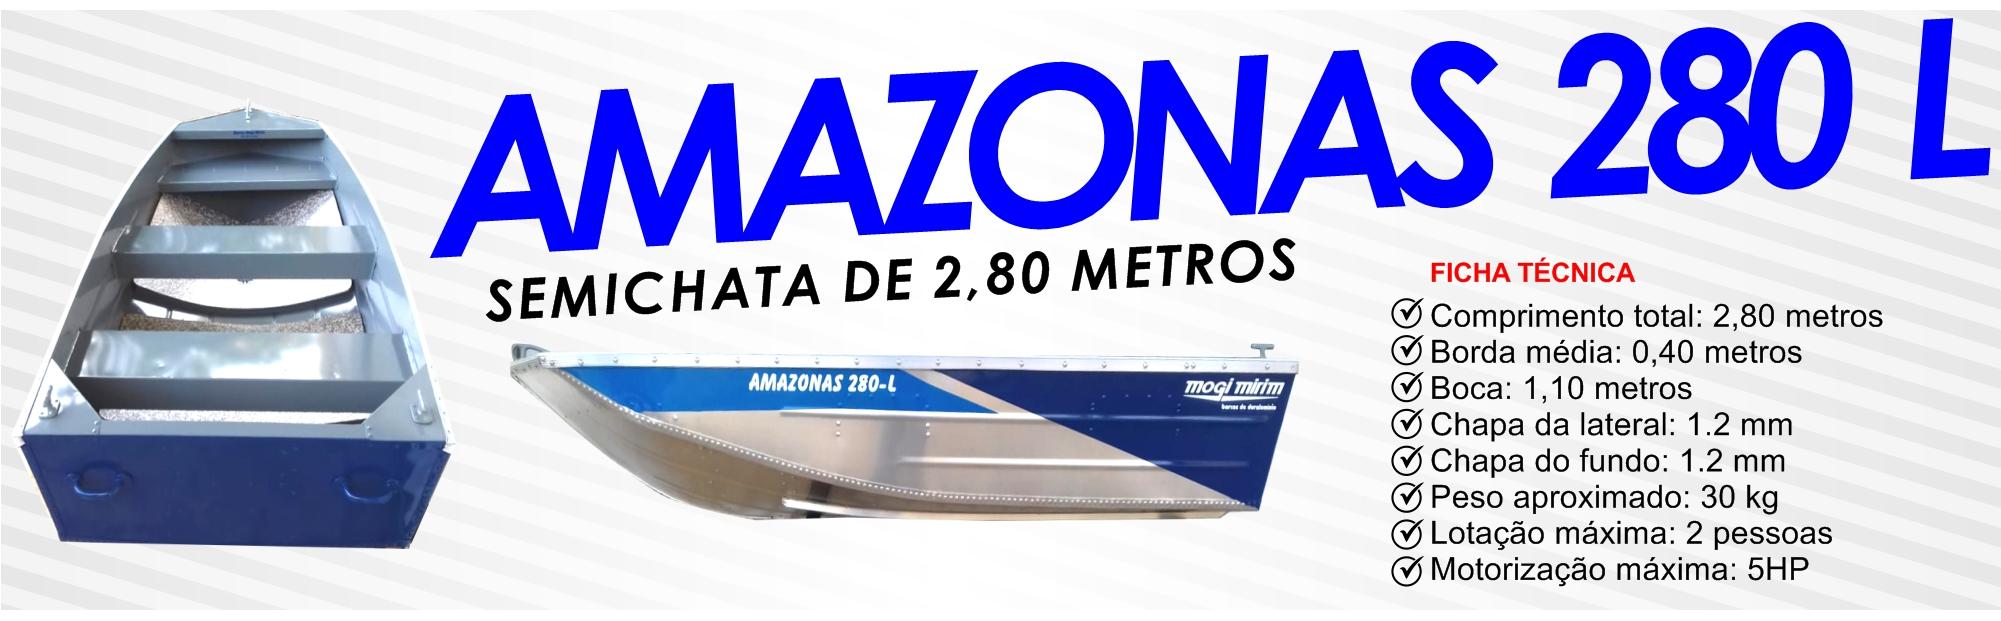 Amazonas 280L